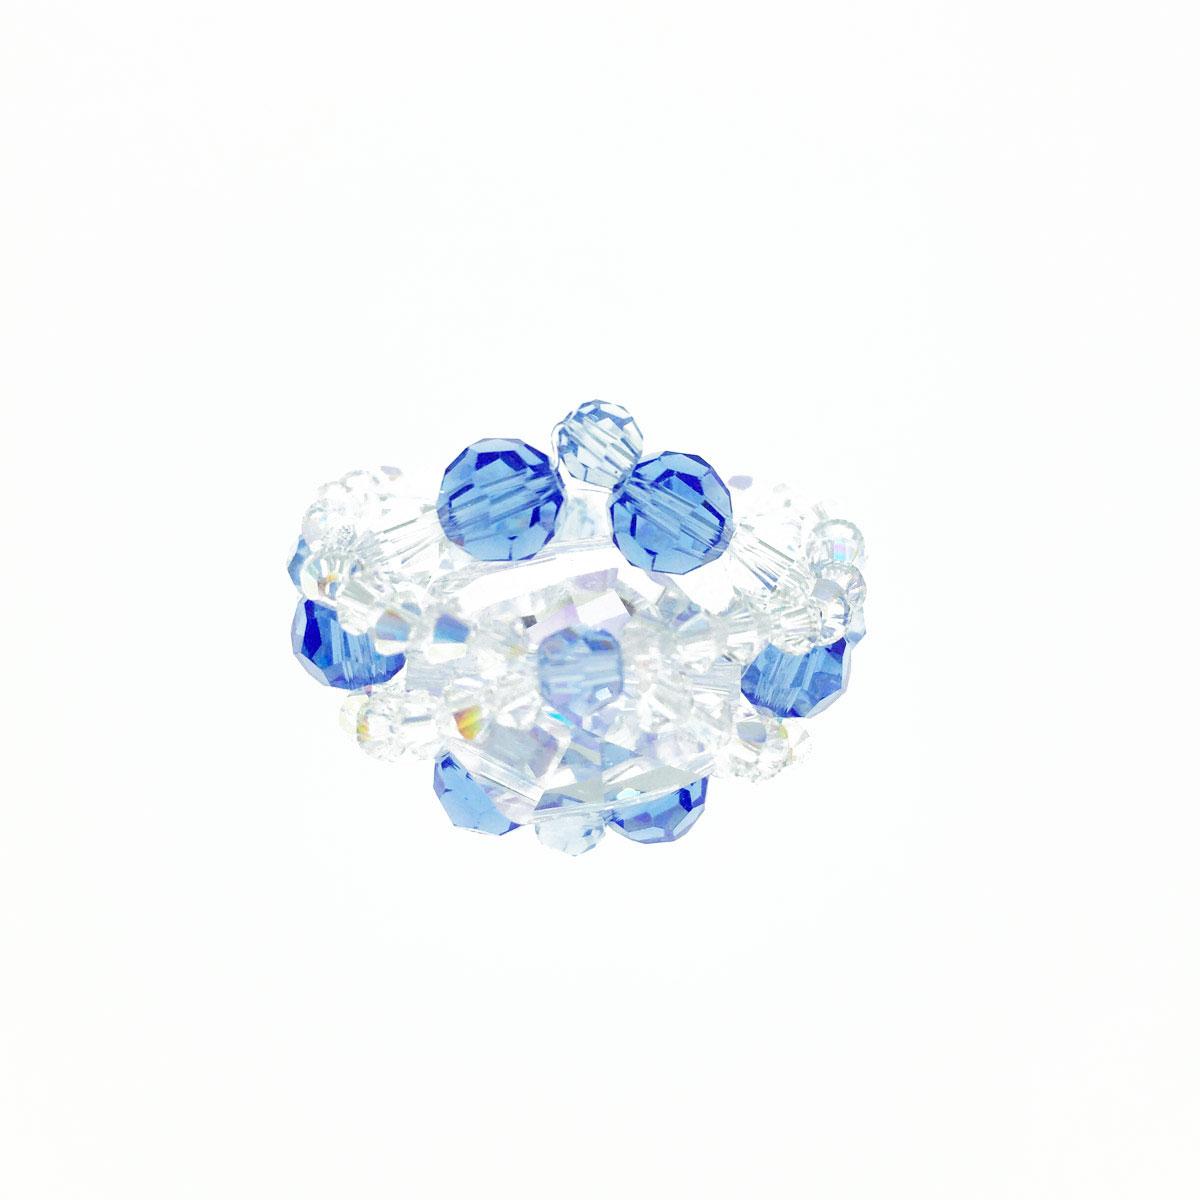 深藍色系 環繞交叉 彈性線 戒指 採用施華洛世奇水晶元素 Crystals from Swarovski